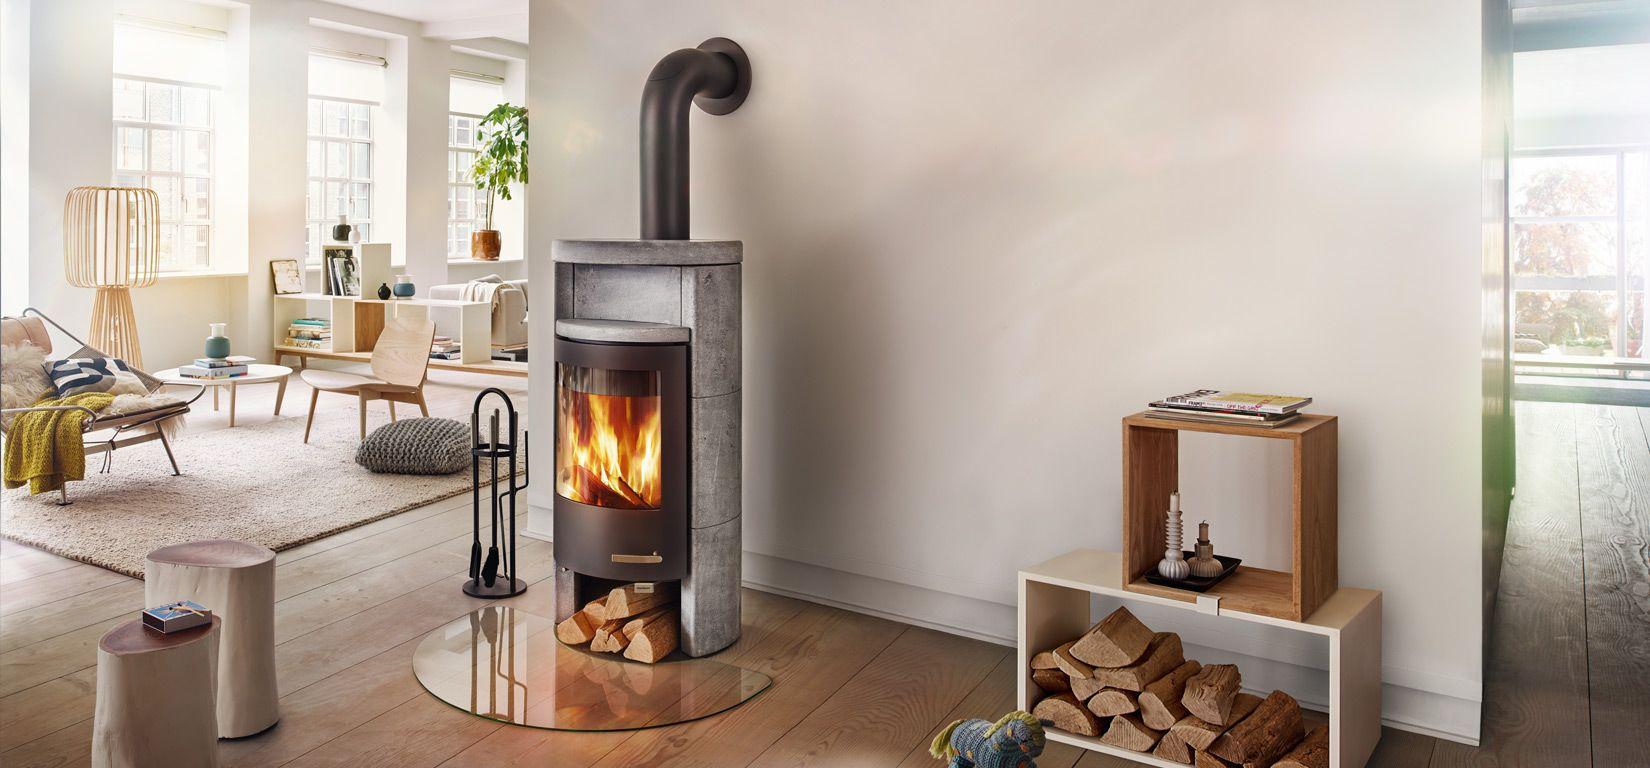 kaminofen von skantherm wir sind feuer und flamme ofen kamine pinterest feuer und. Black Bedroom Furniture Sets. Home Design Ideas